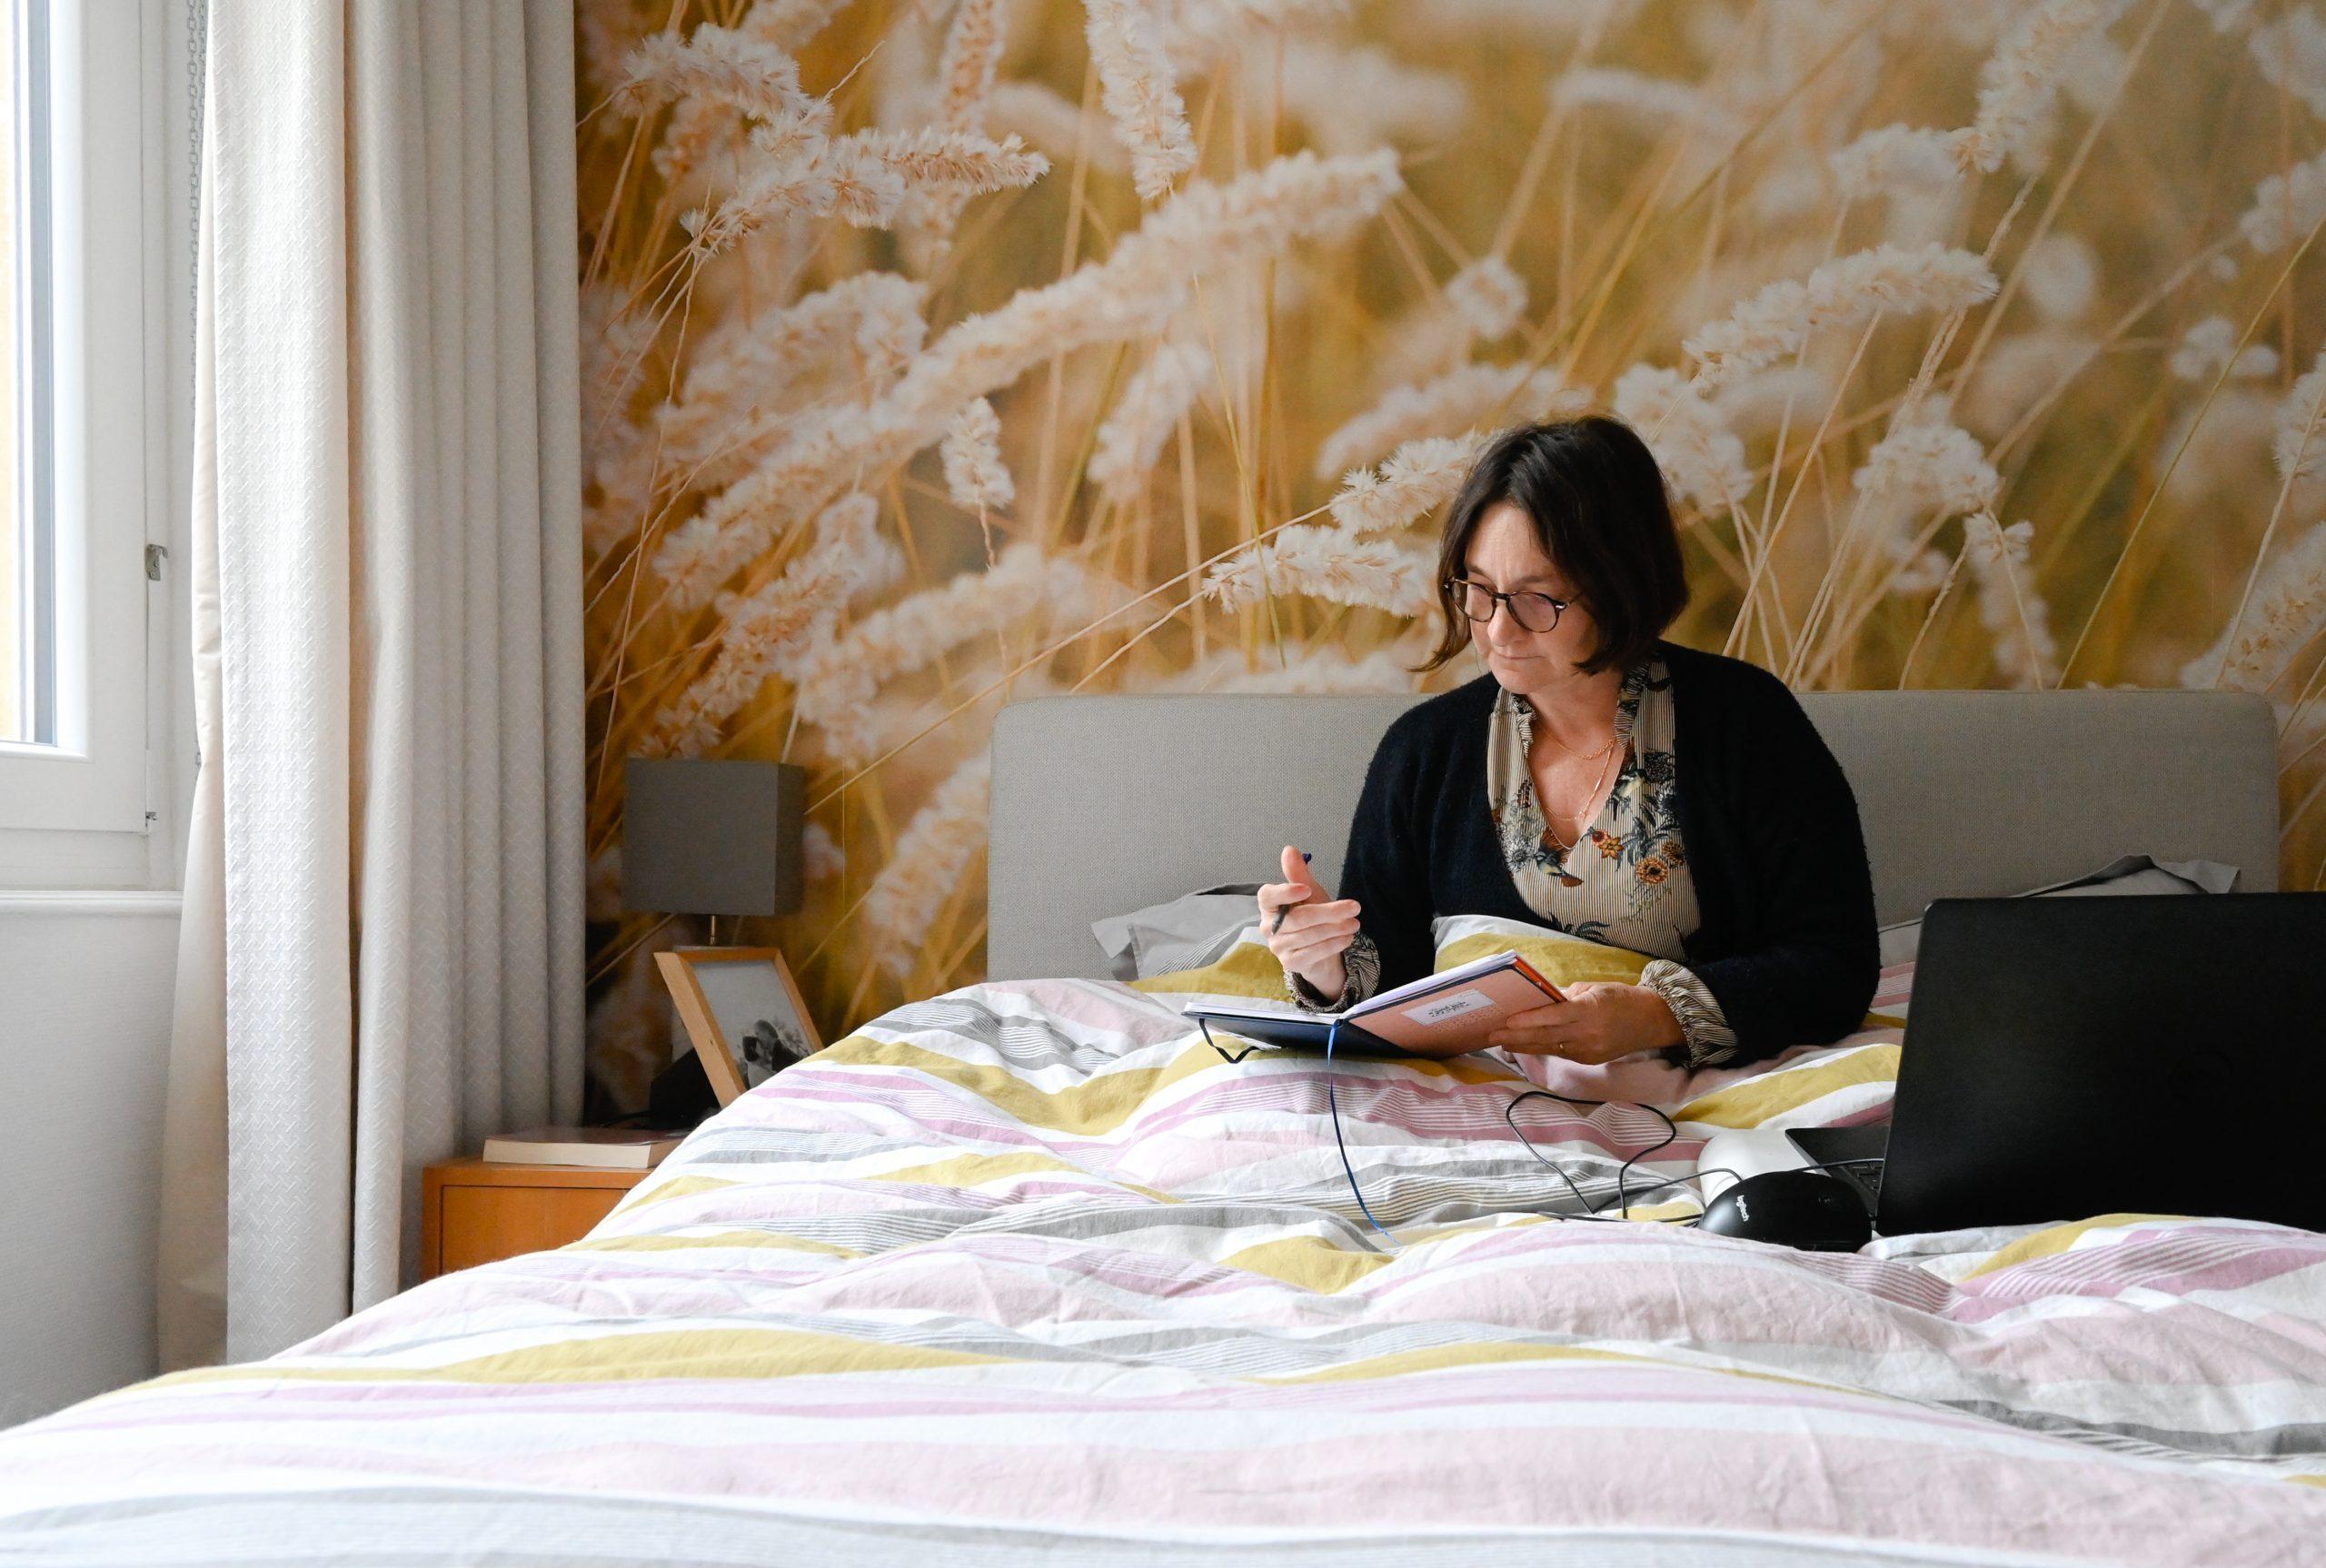 femme travail à l'ordinateur de son lit